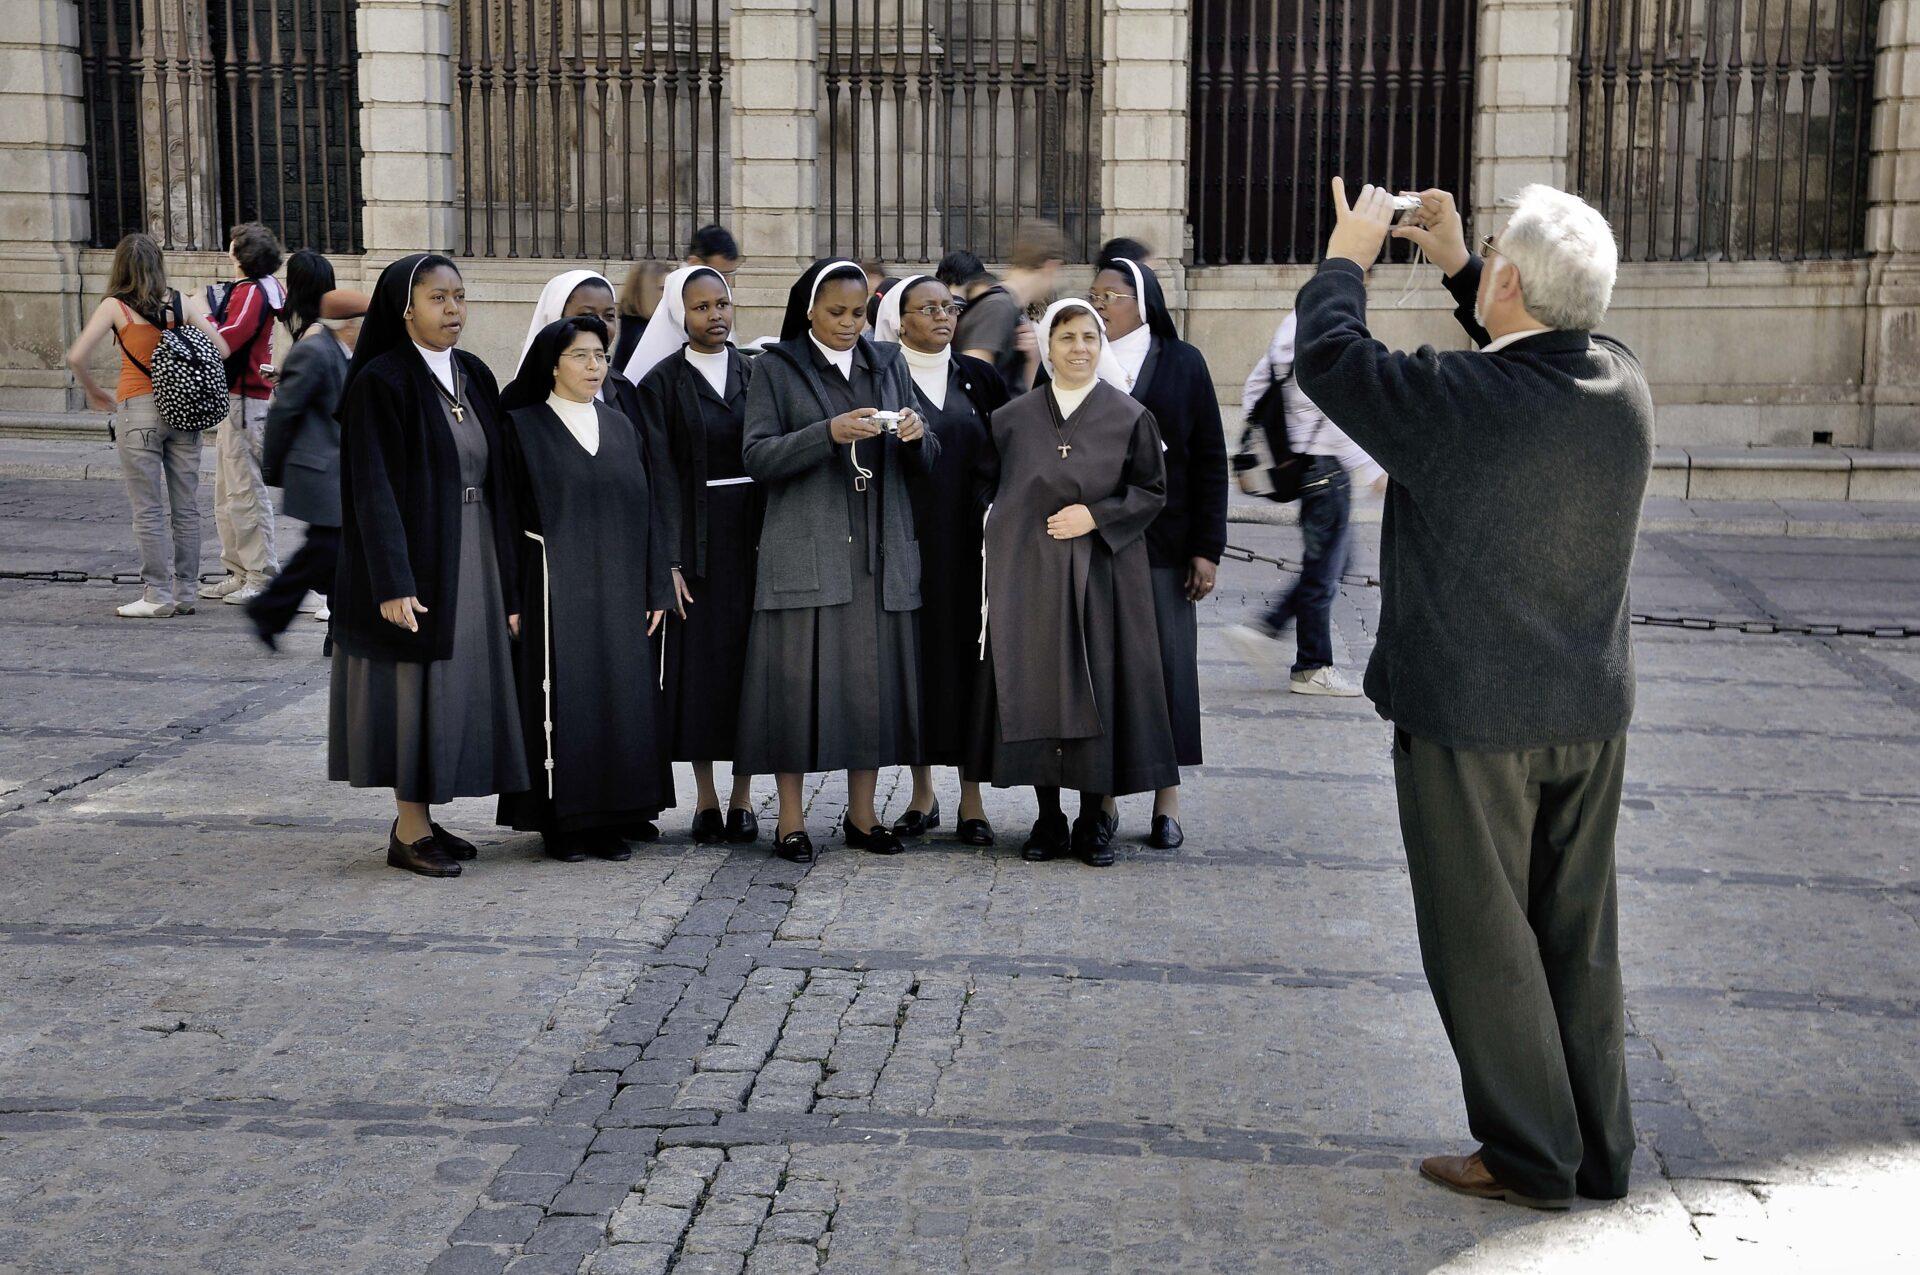 monjas en la plaza del ayuntamiento de Toledo, por un turismo sostenible